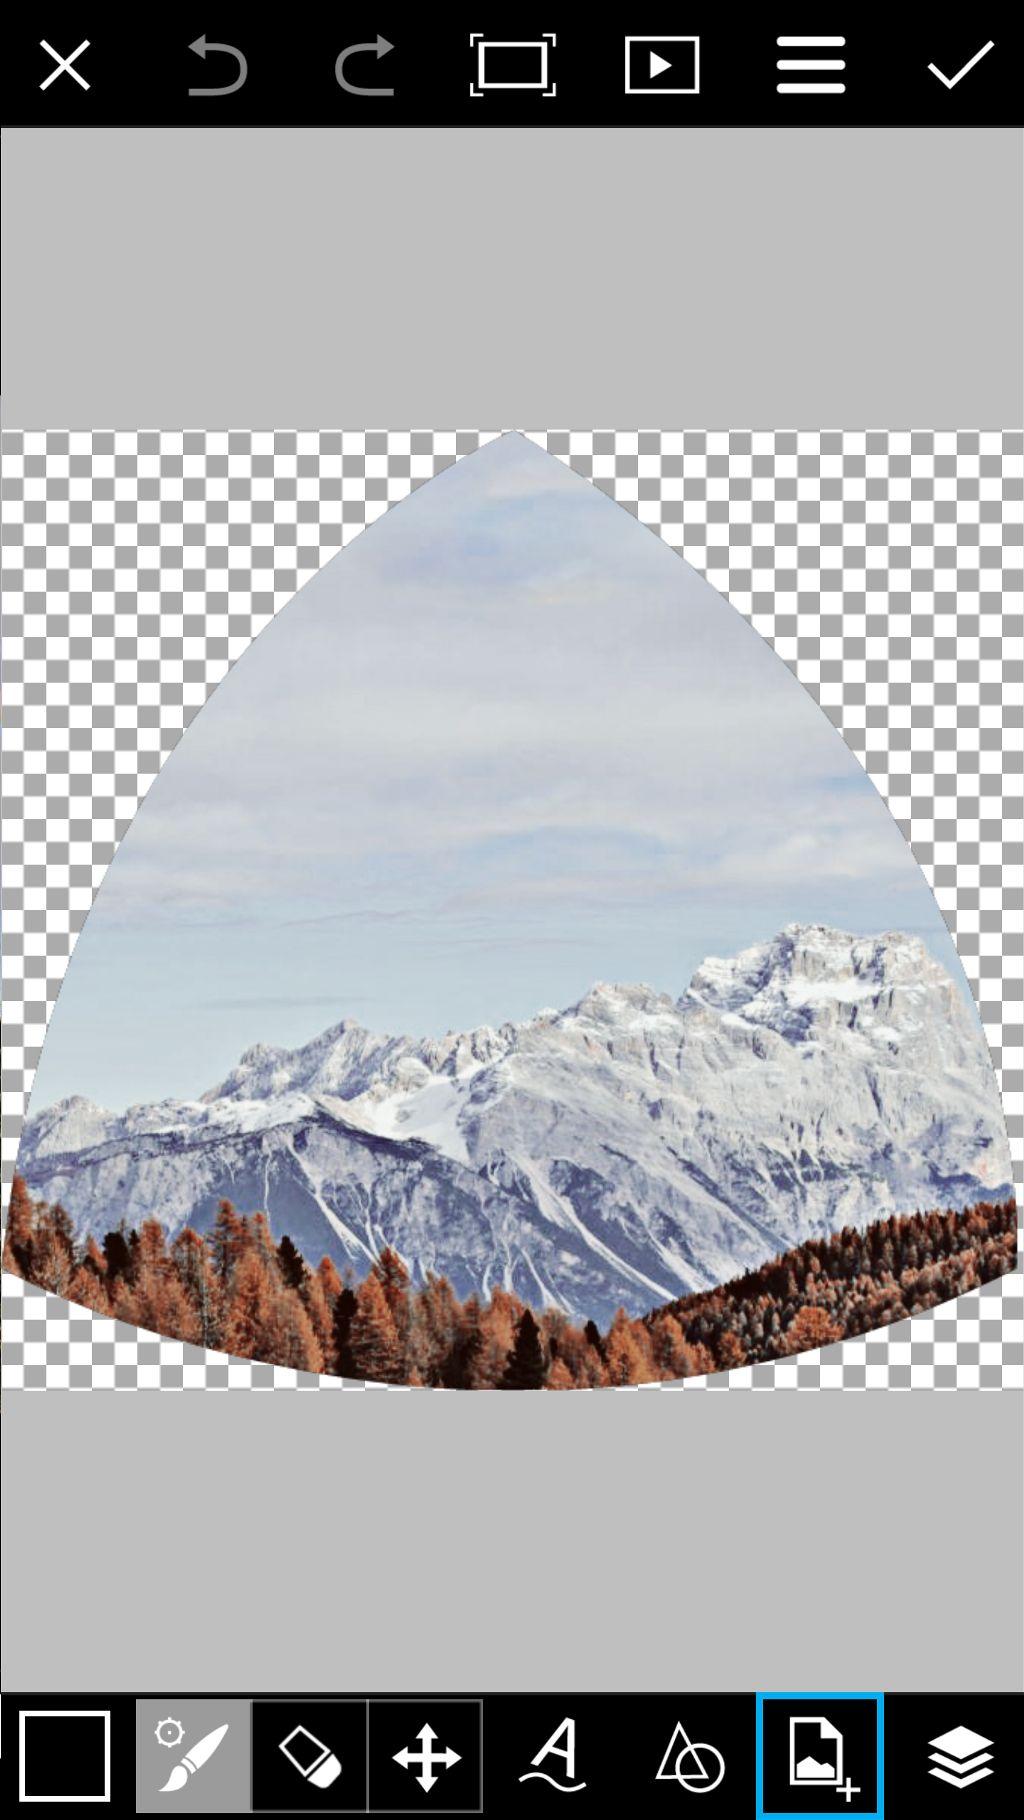 draw on image